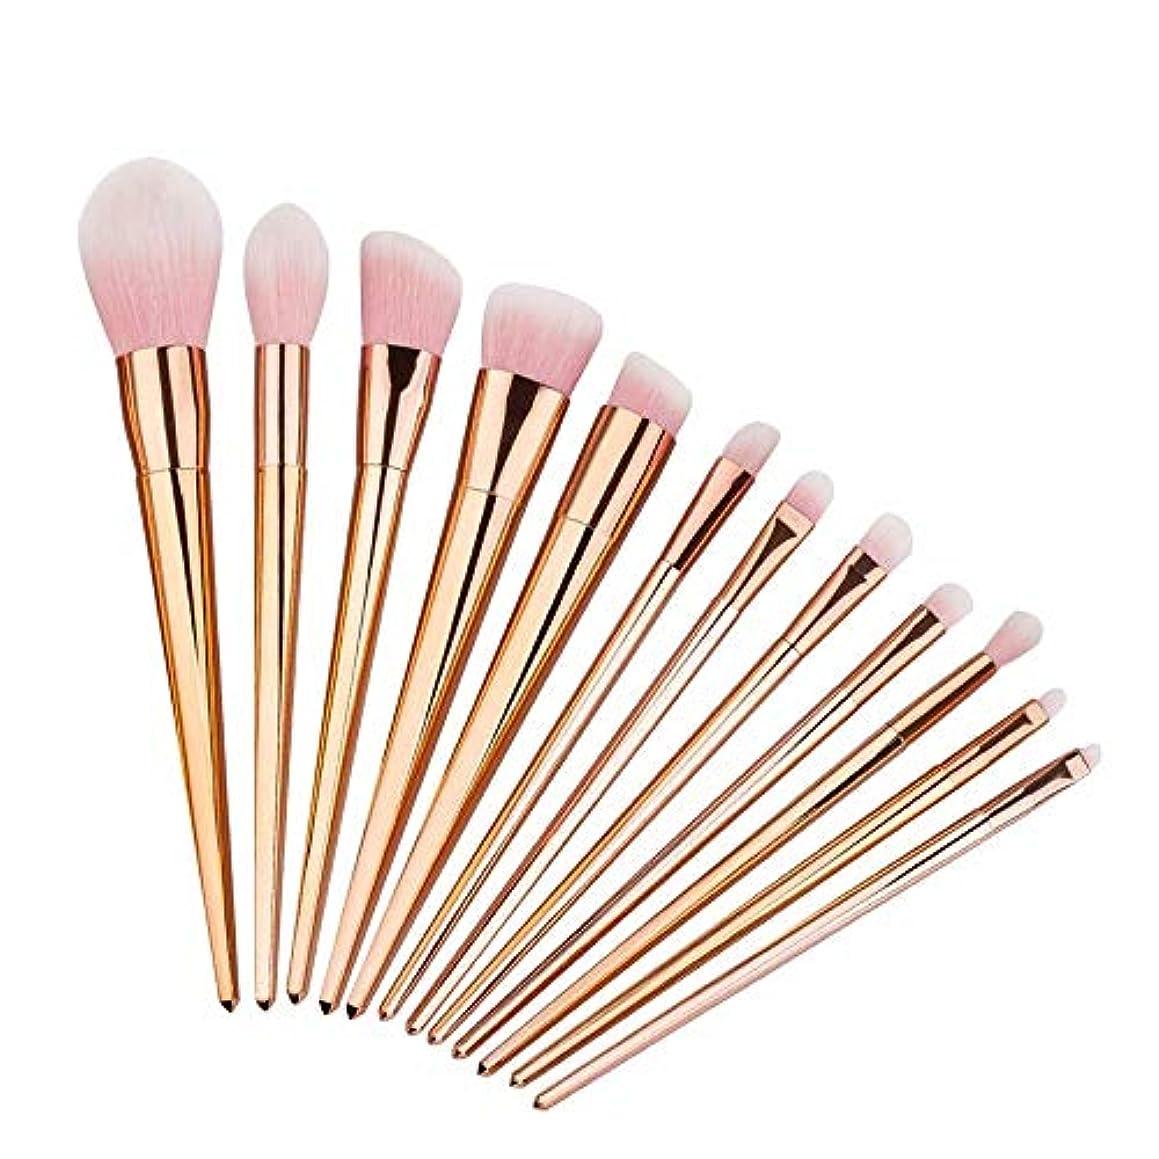 プロフェッショナル メイクブラシ 化粧筆 シリーズ 化粧ブラシセット 高級タクロン 超柔らかい 可愛い リップブラシツール 12本セット